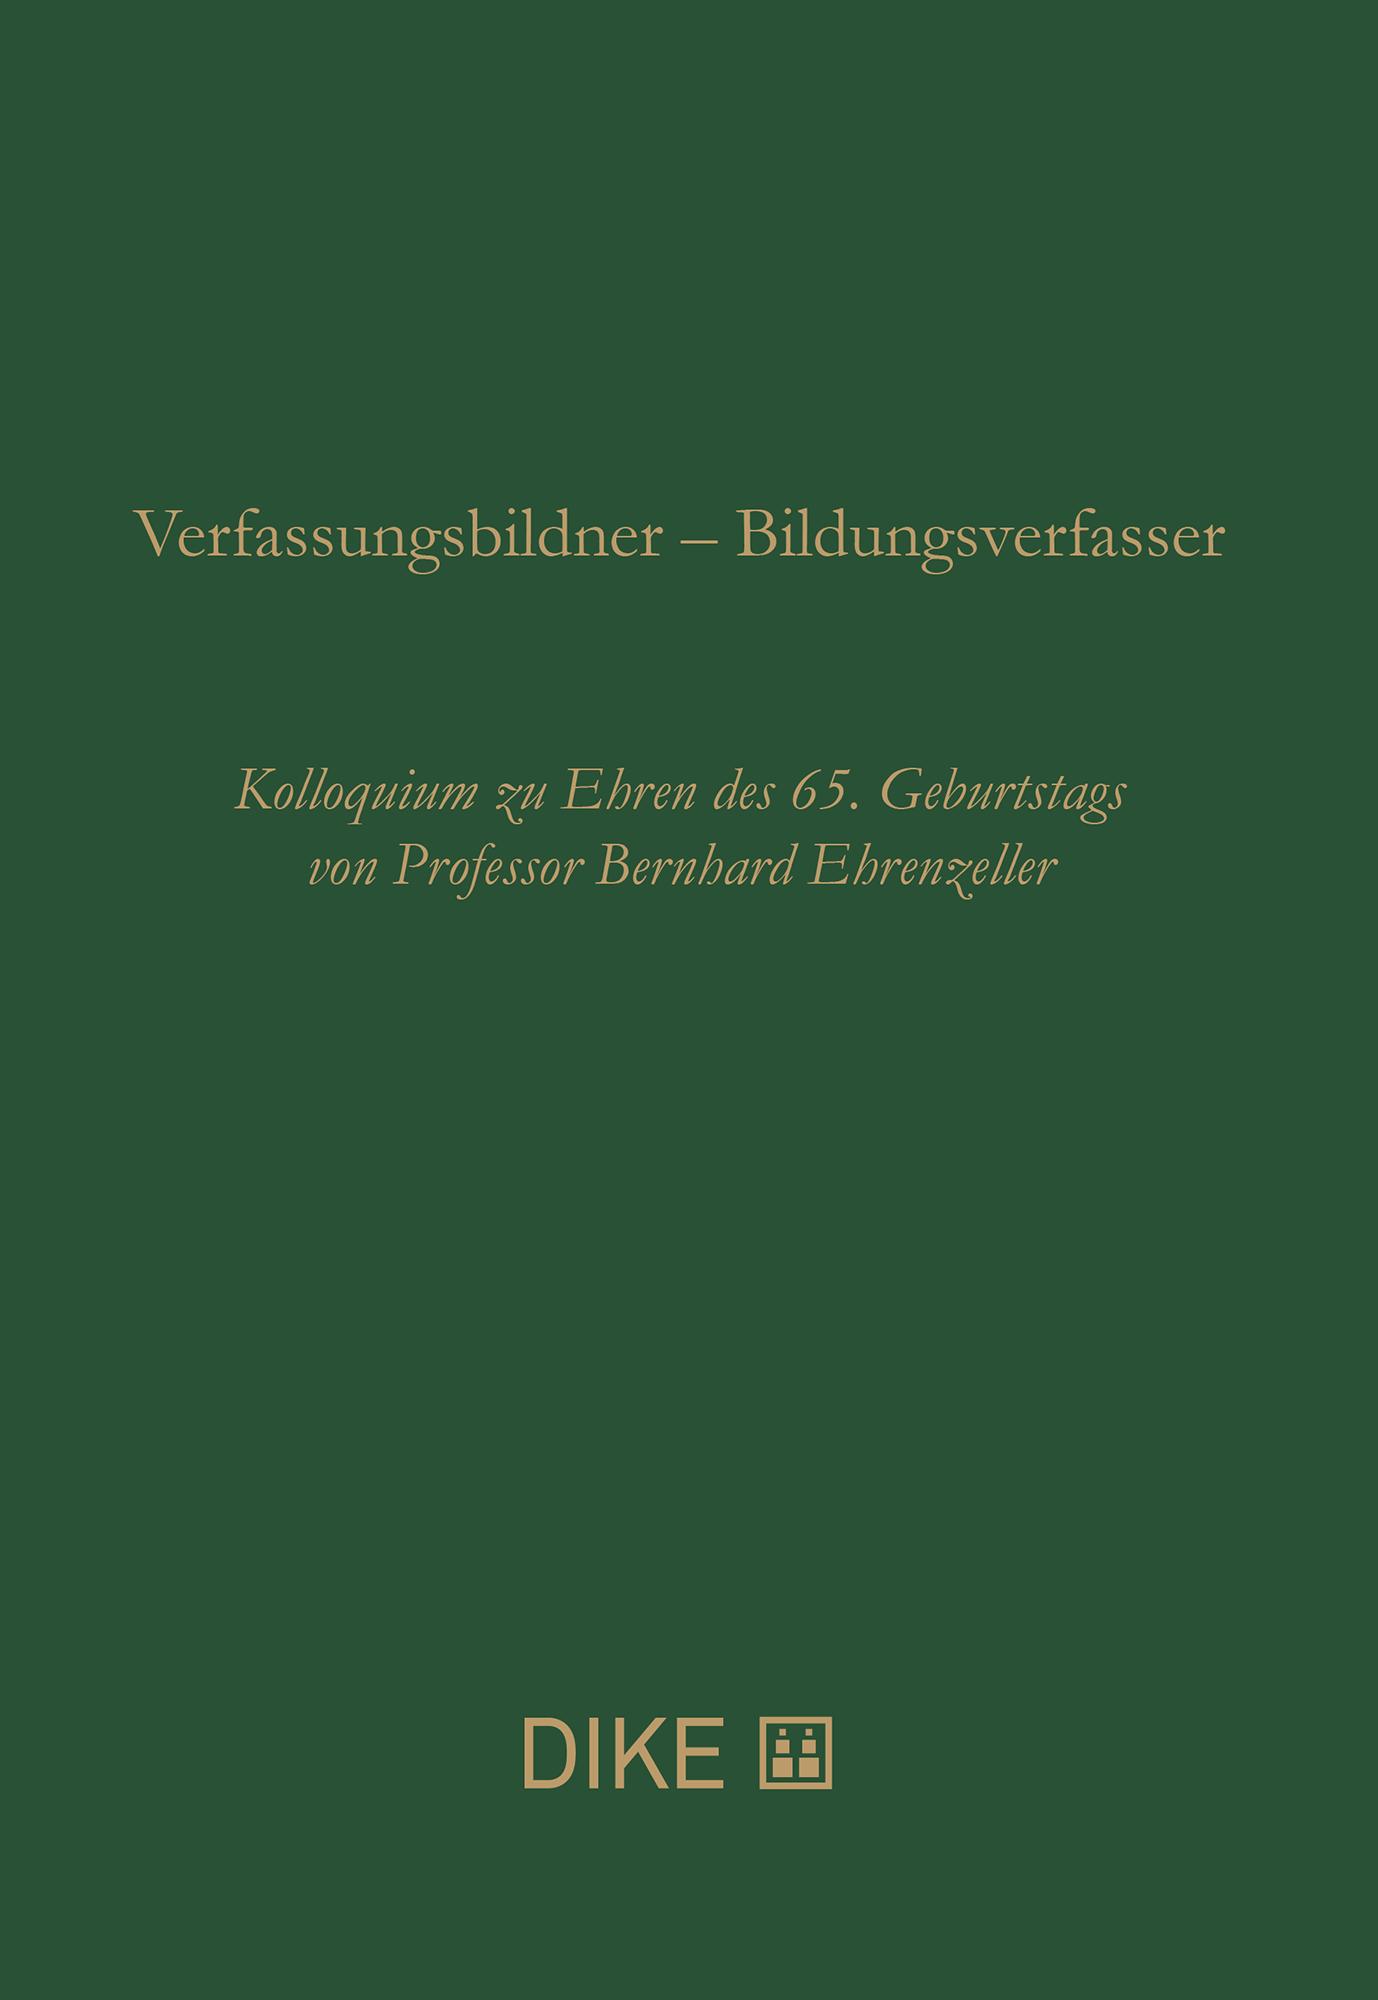 Verfassungsbildner – Bildungsverfasser